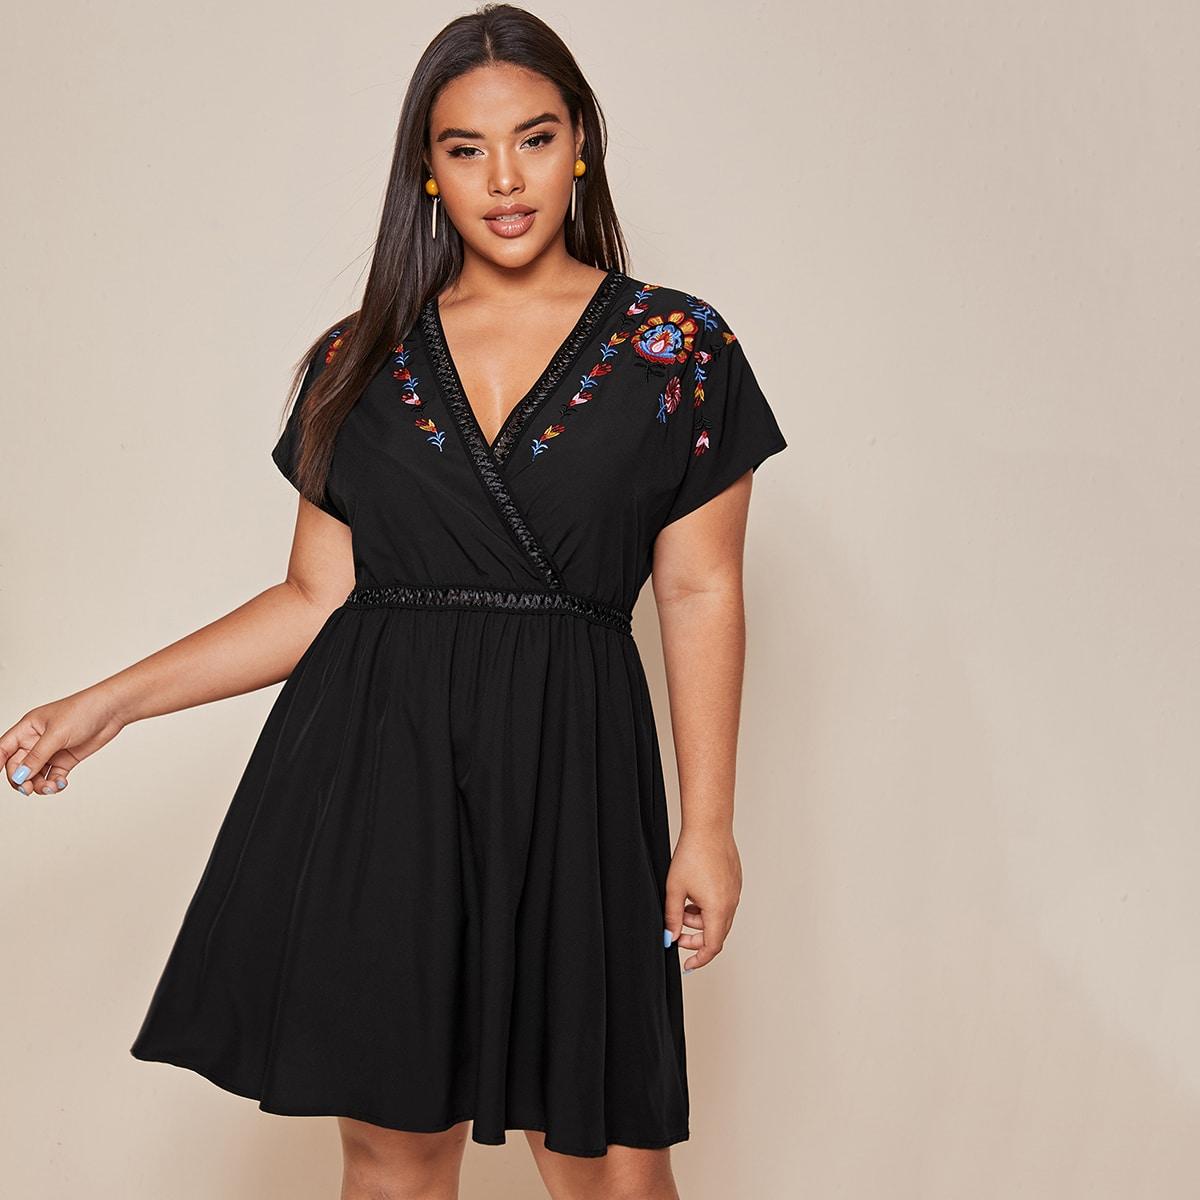 Расклешенное платье размера плюс с вышивкой